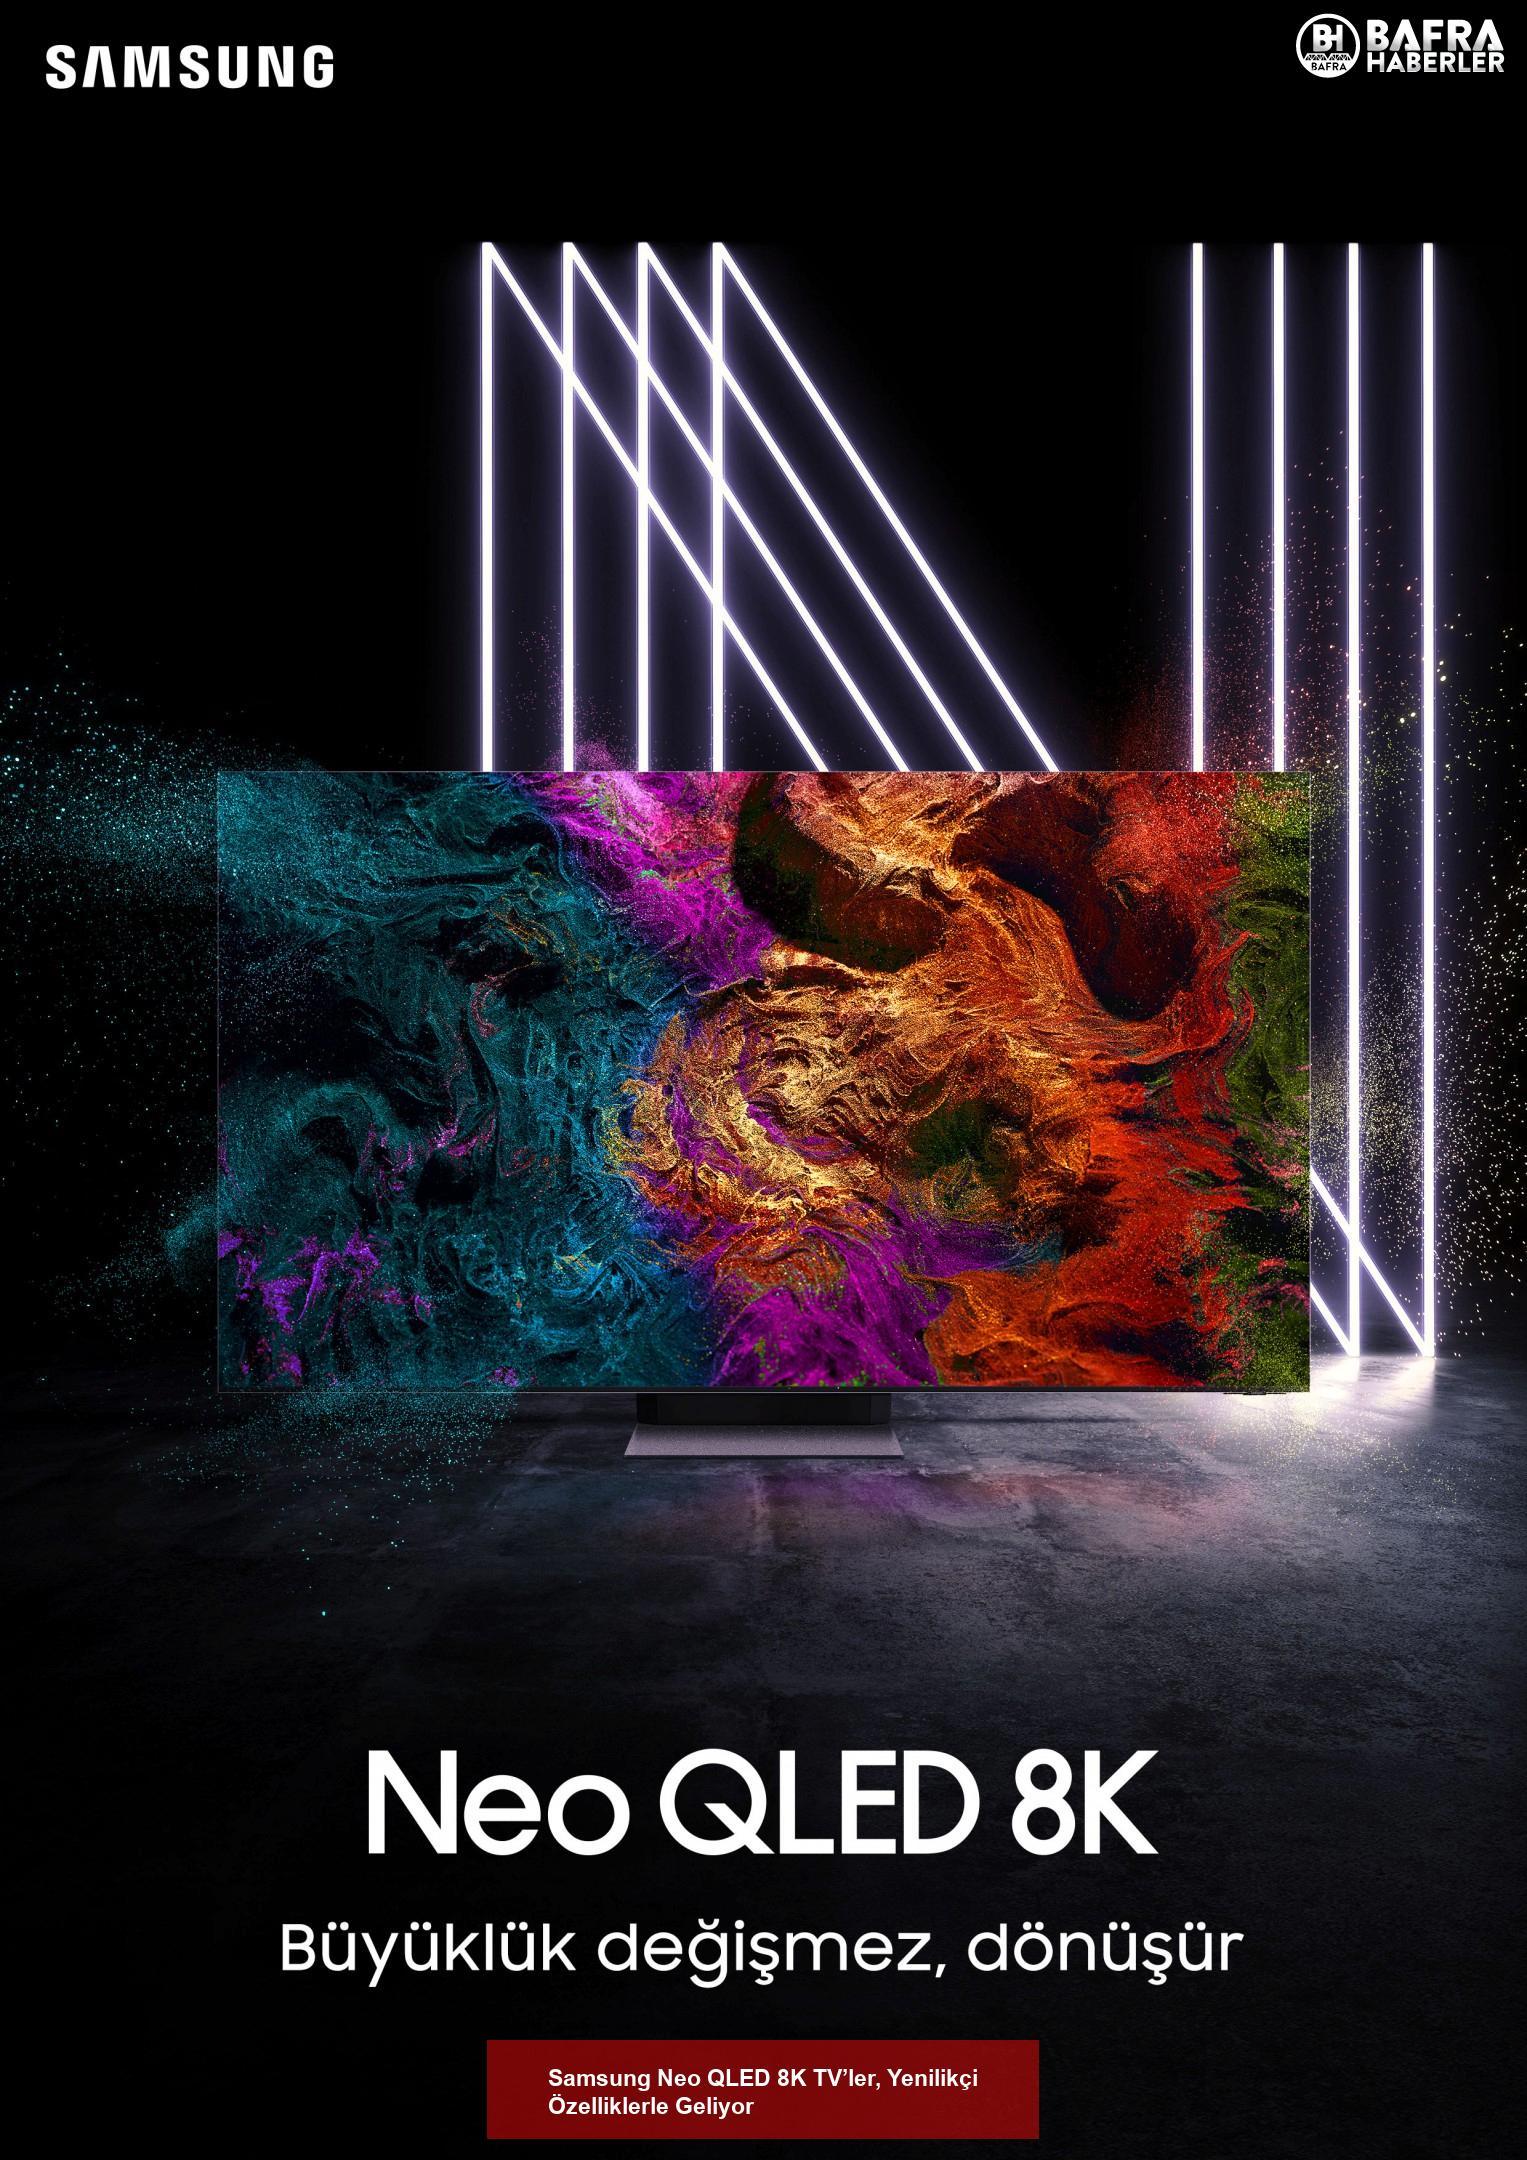 samsung neo qled 8k tv'ler, yenilikçi özelliklerle geliyor 2